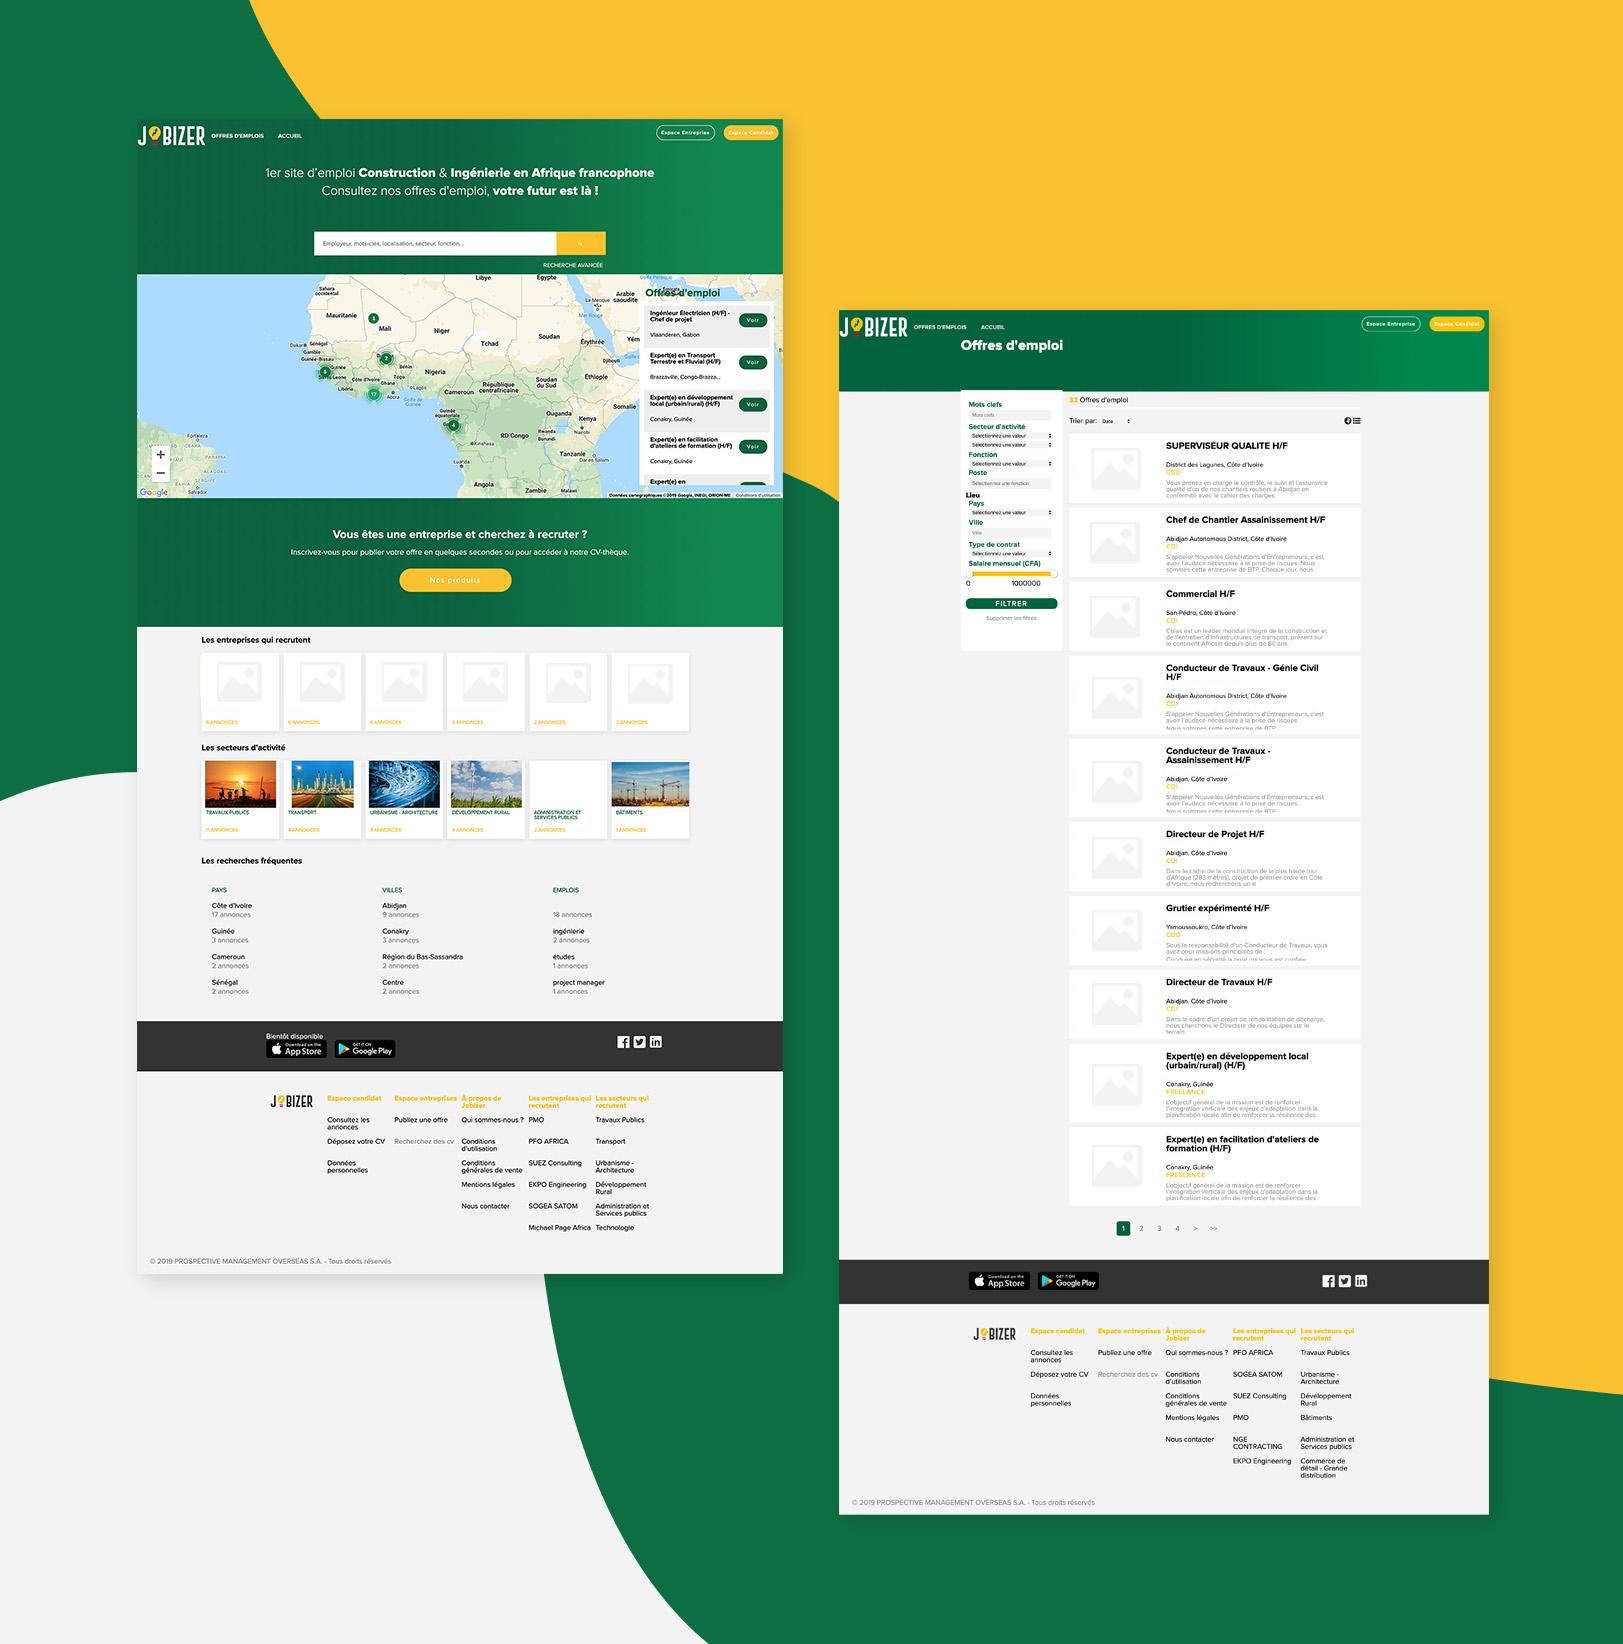 Nouveau site web de la société Jobizer